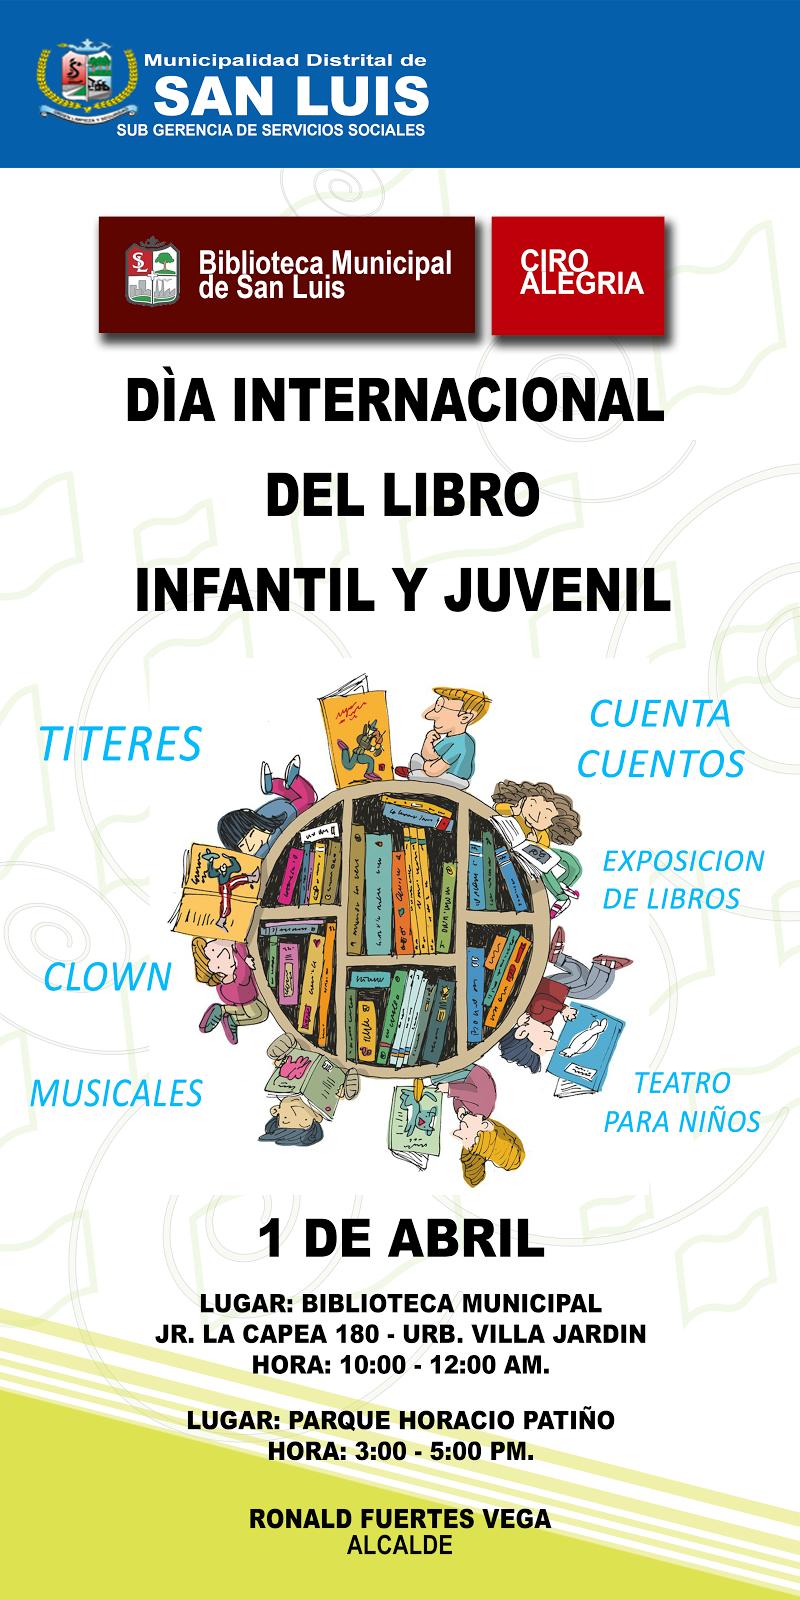 Celebración del Día del Libro Infantil y Juvenil 2015